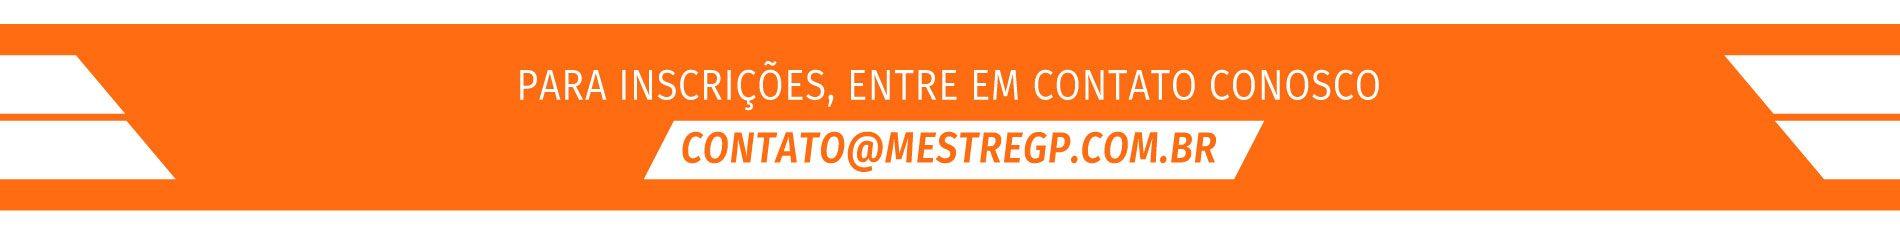 https://www.mestregp.com.br/wp-content/uploads/2018/06/Pagina-SpdP2-Botão-1900x233.jpg